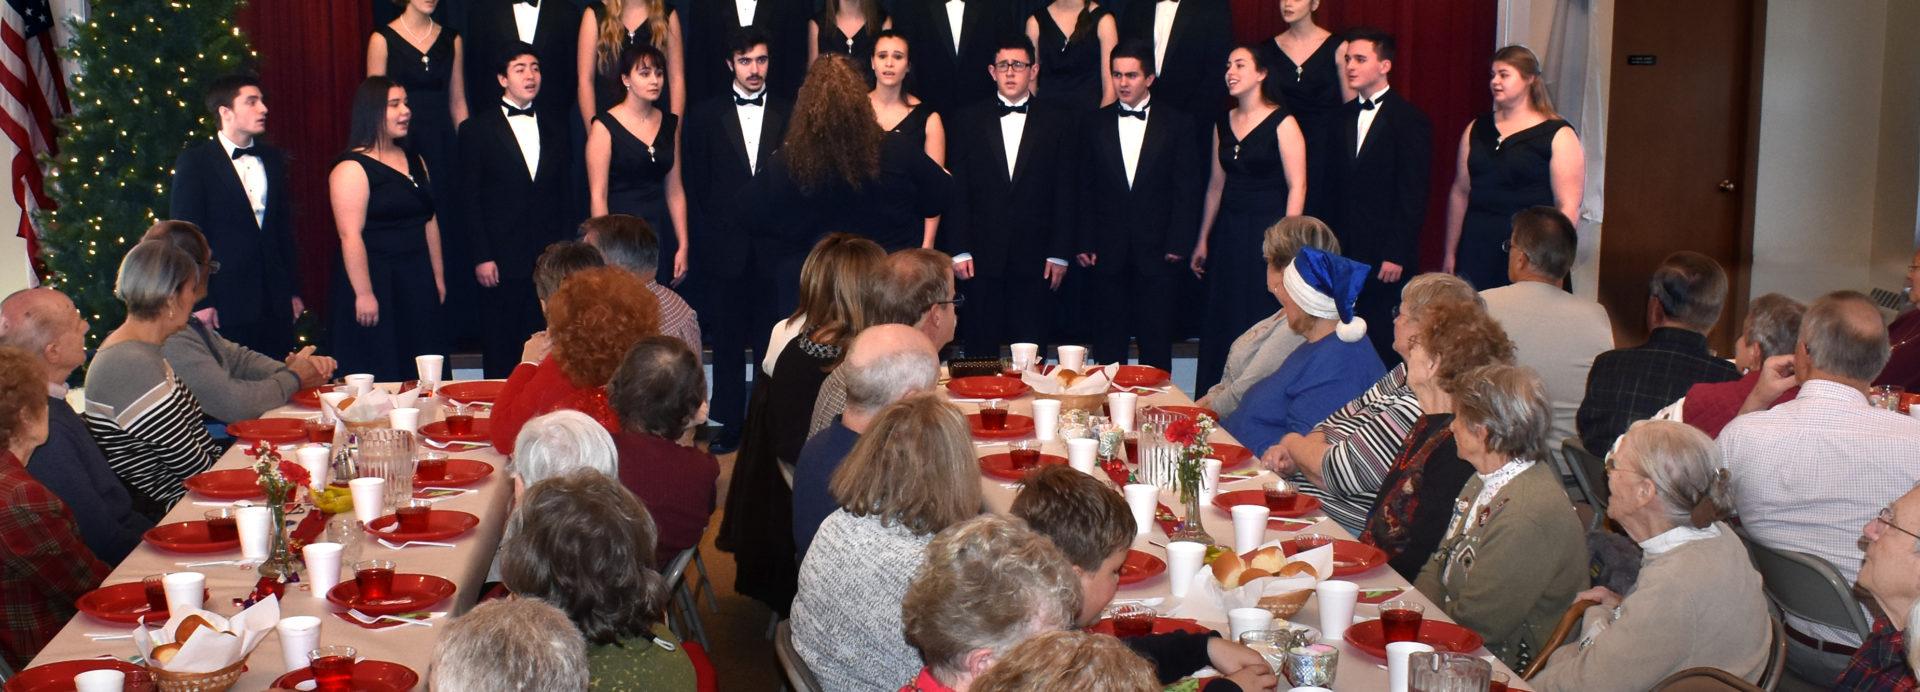 2018 Community Christmas dinner